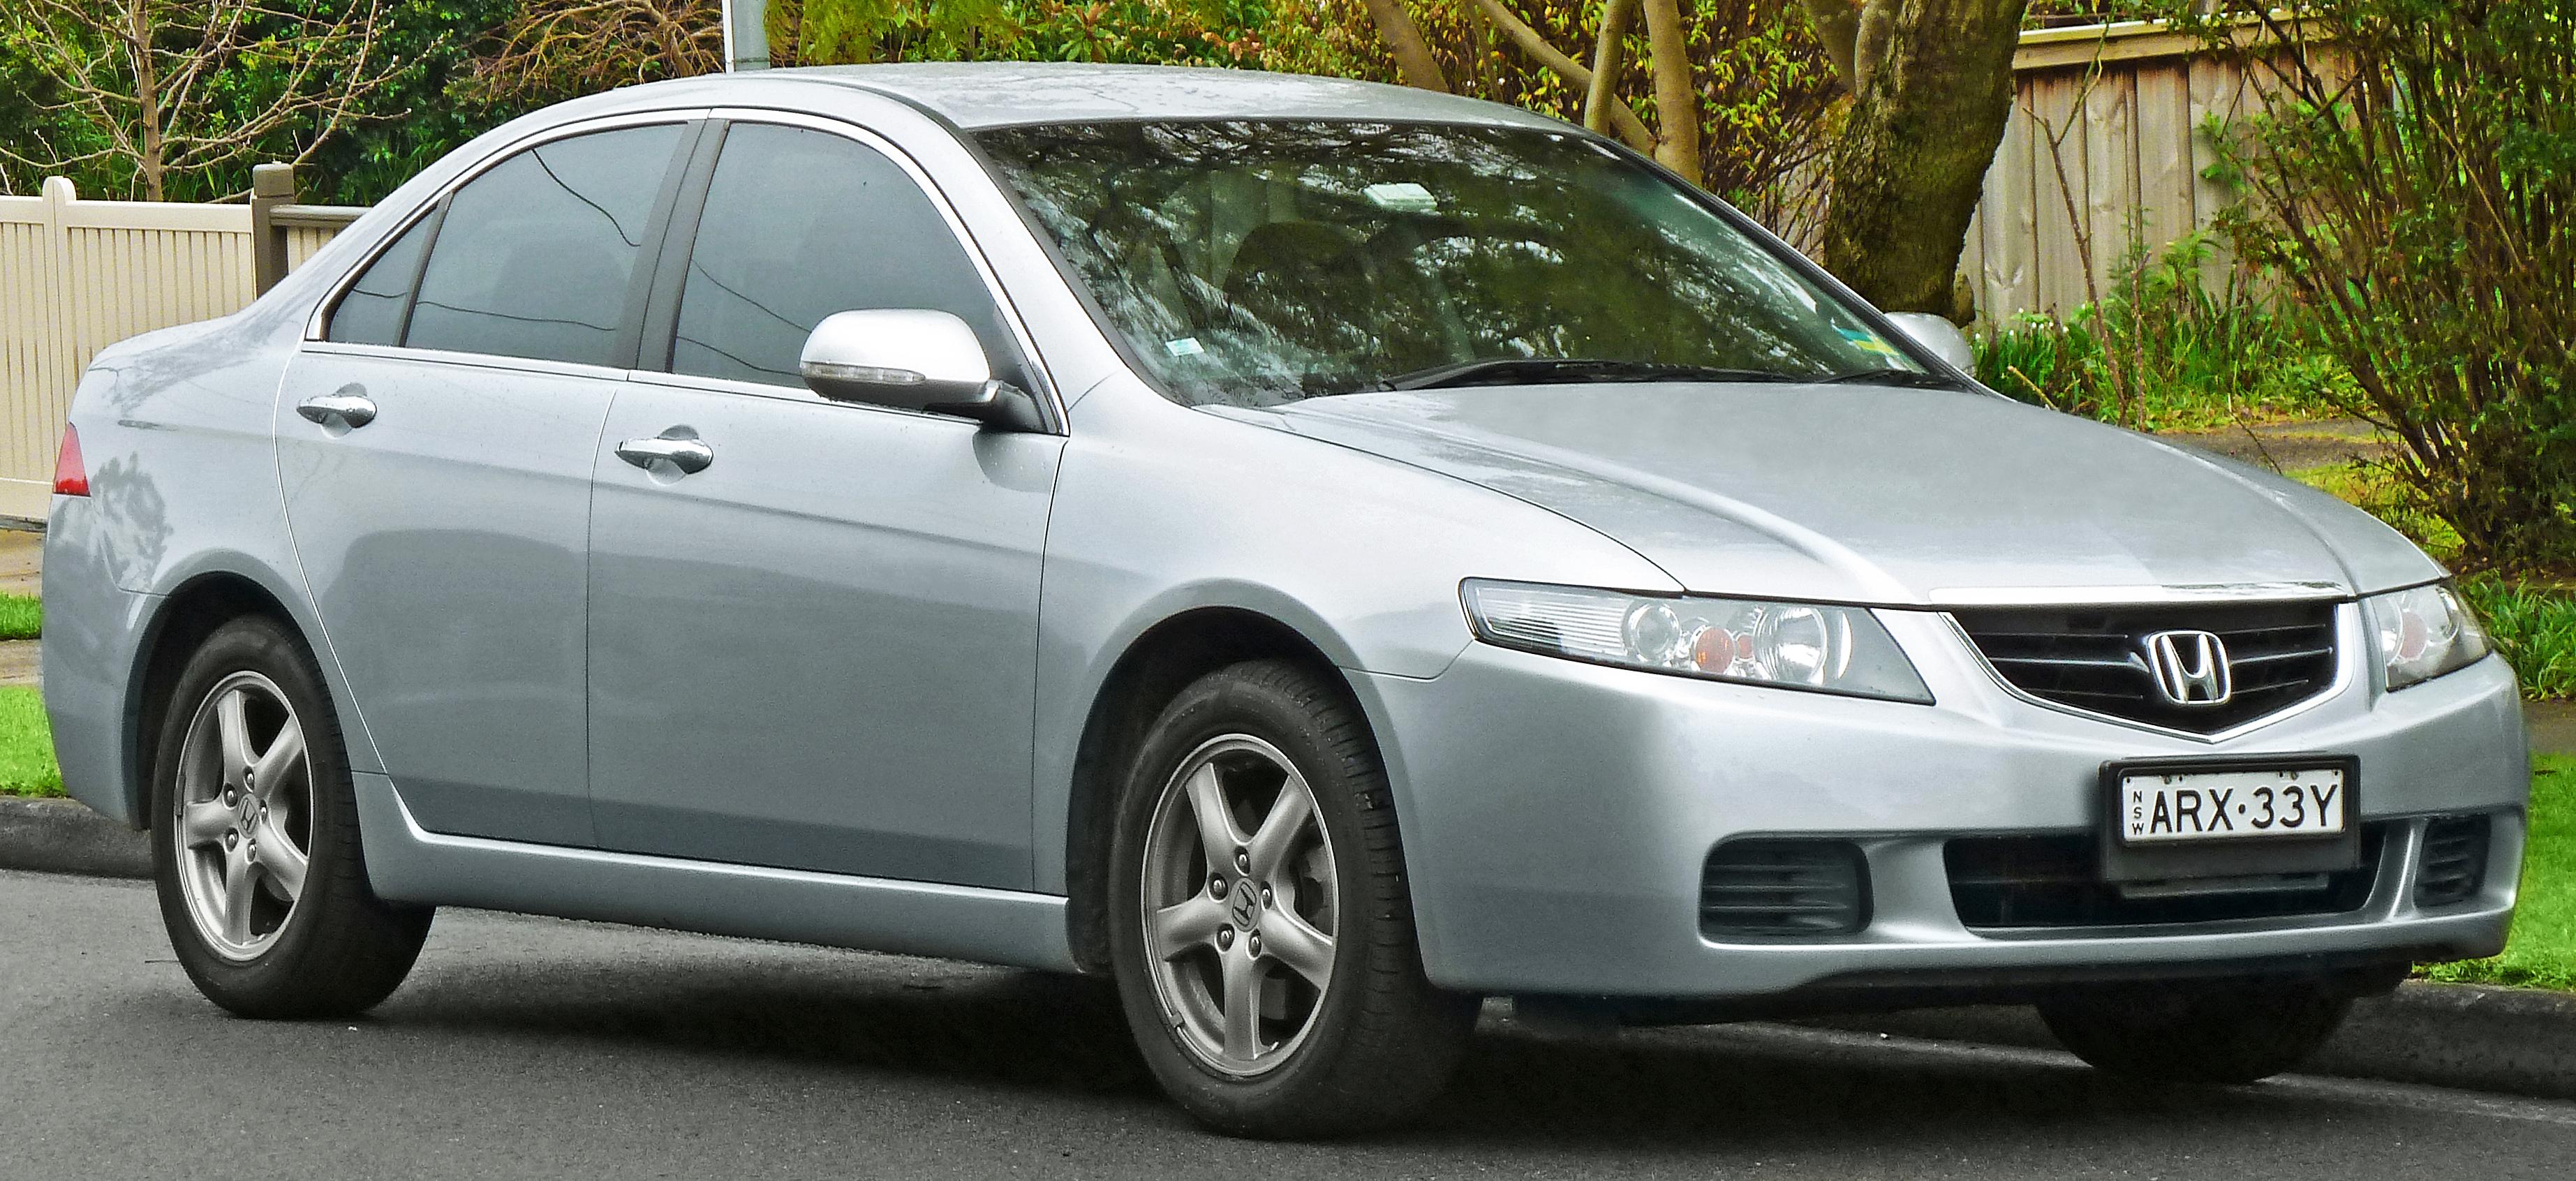 Хонда аккорд 2006 фото